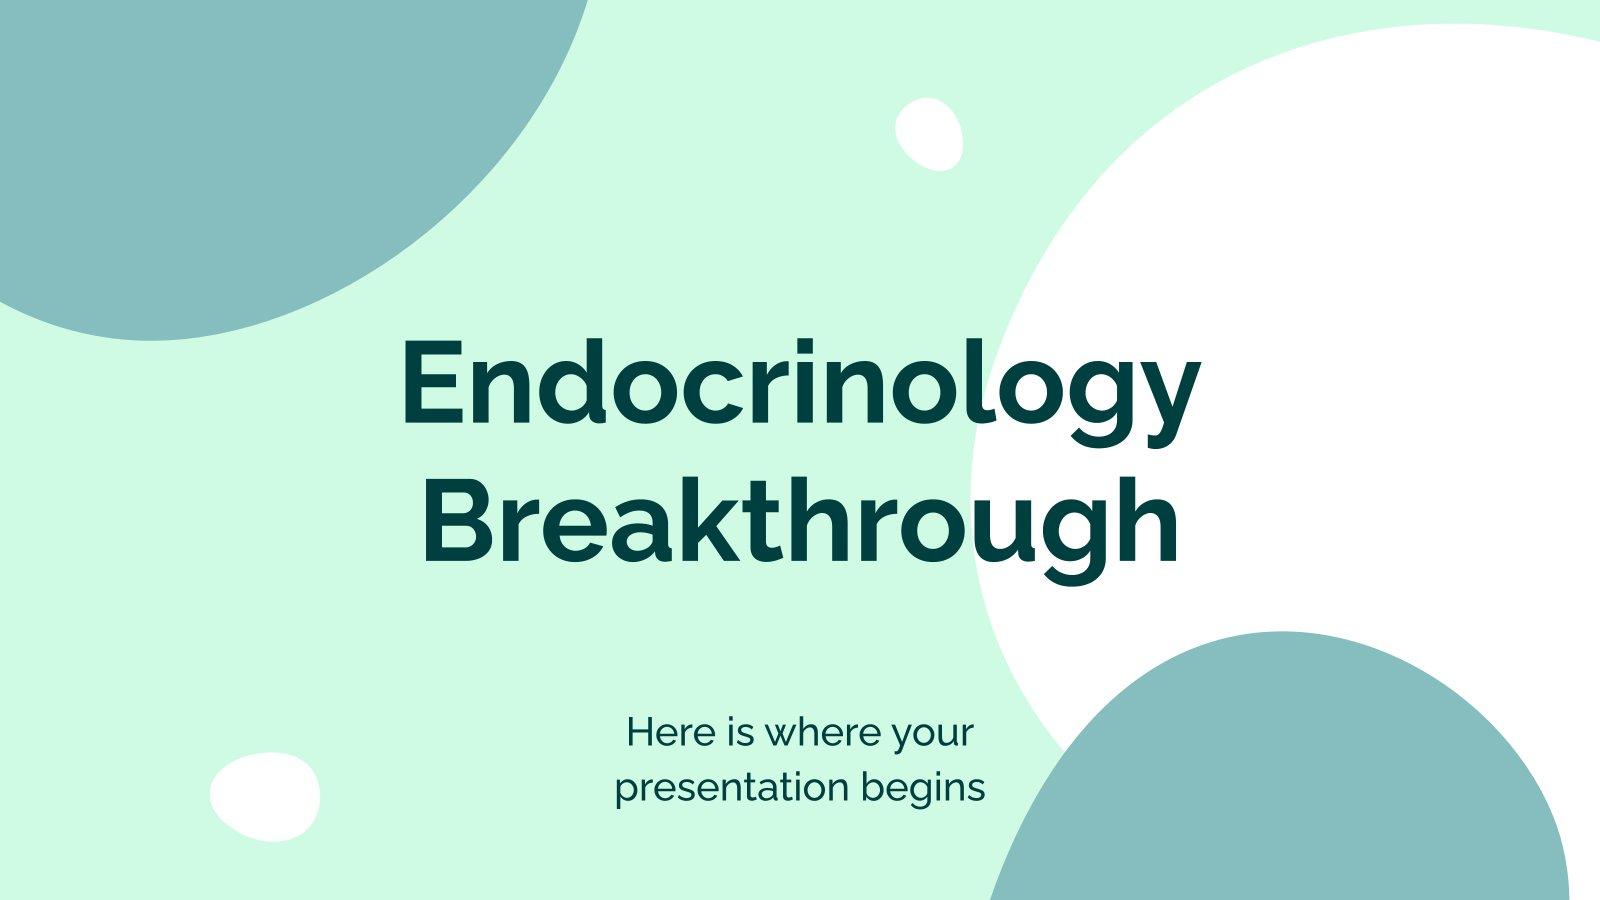 Endokrinologie-Durchbruch Präsentationsvorlage